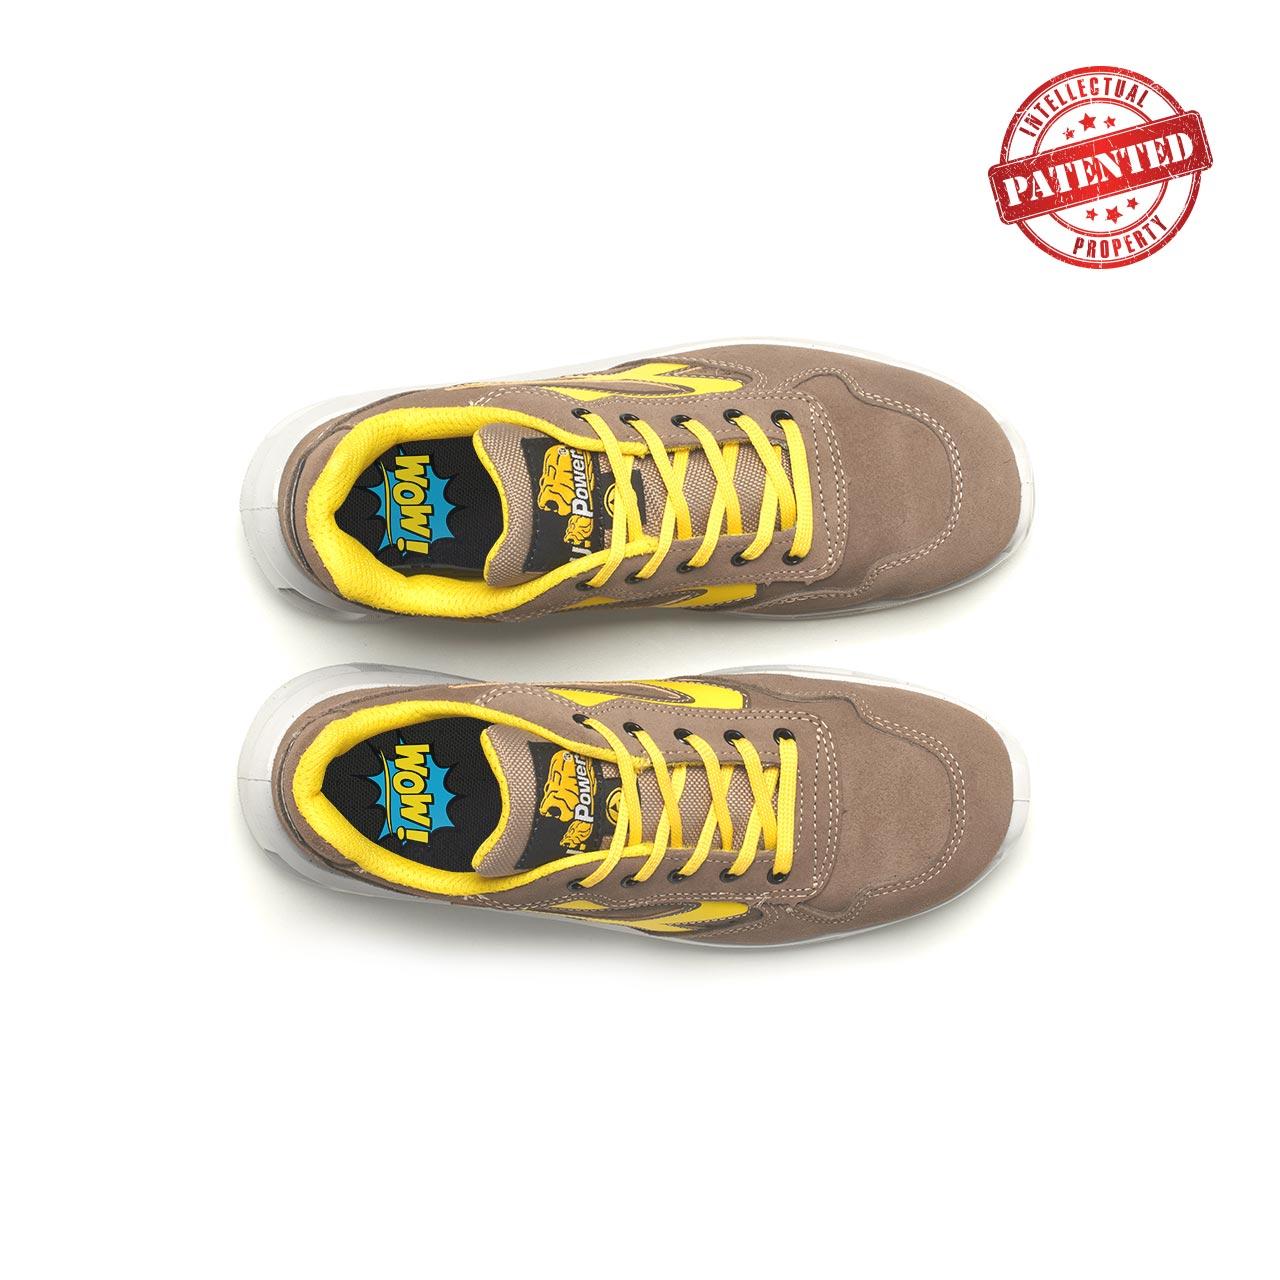 paio di scarpe antinfortunistiche upower modello adventure linea redlion vista top